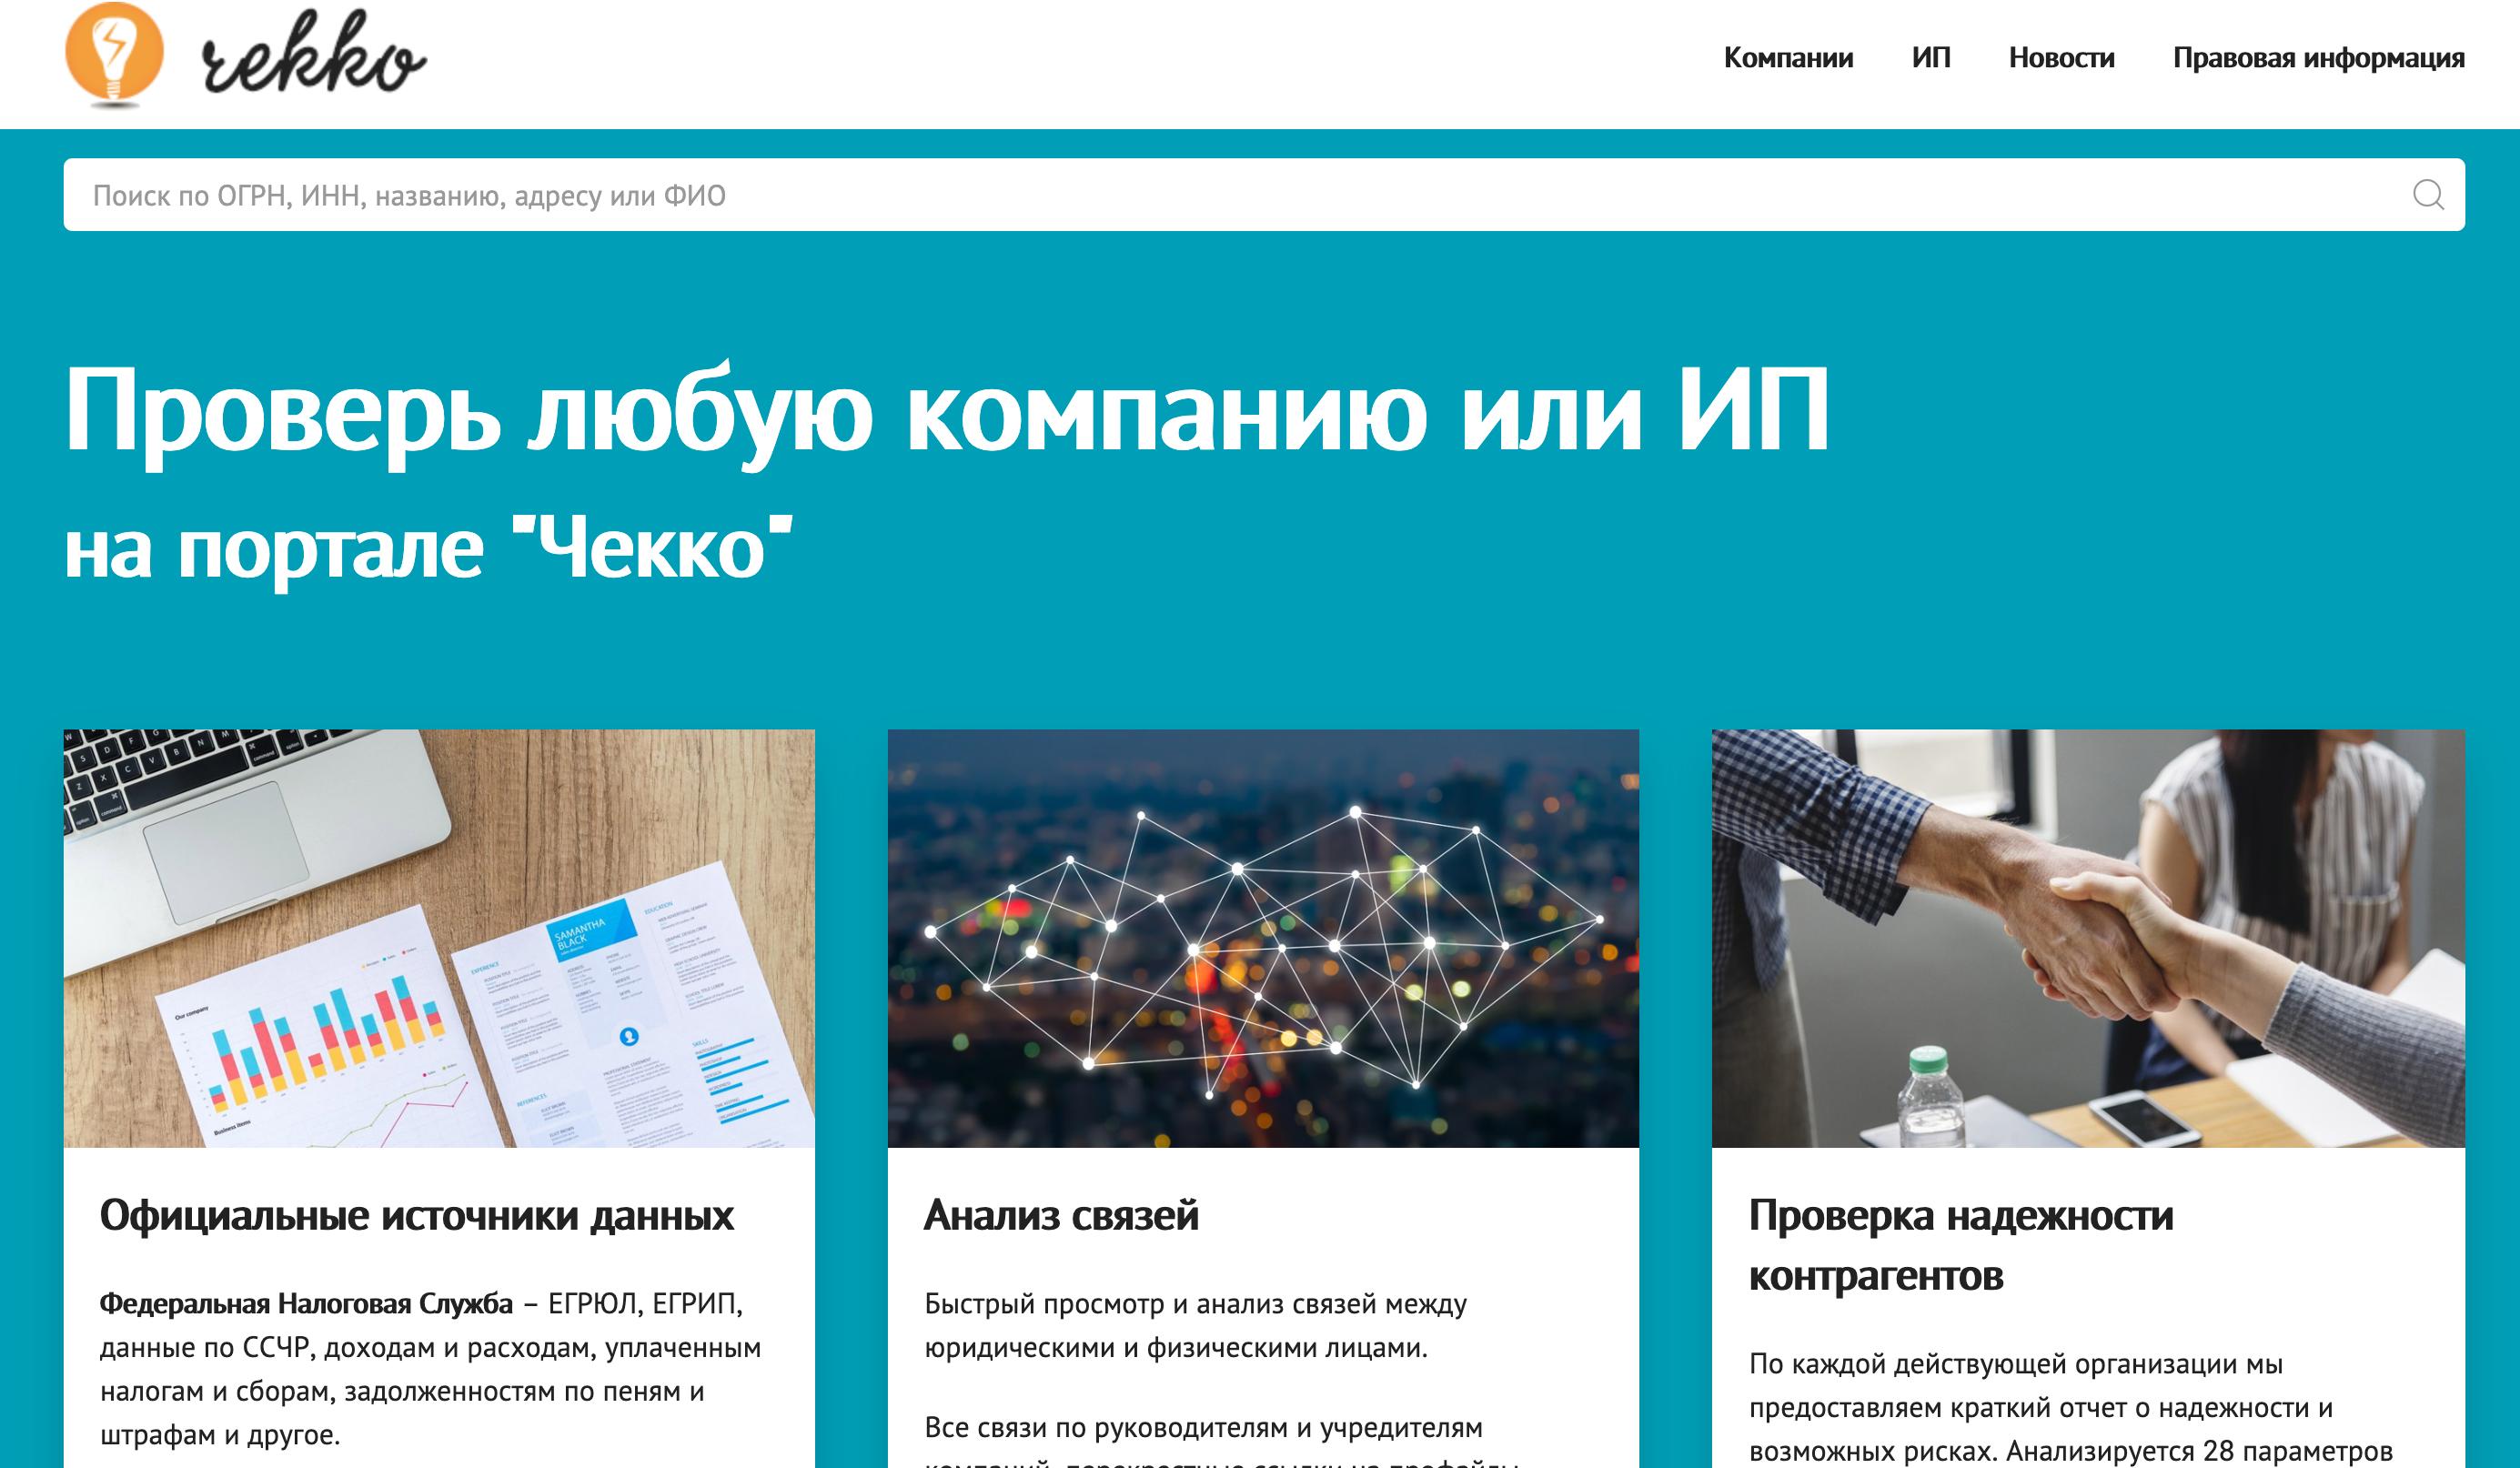 Информационный портал CHECKO